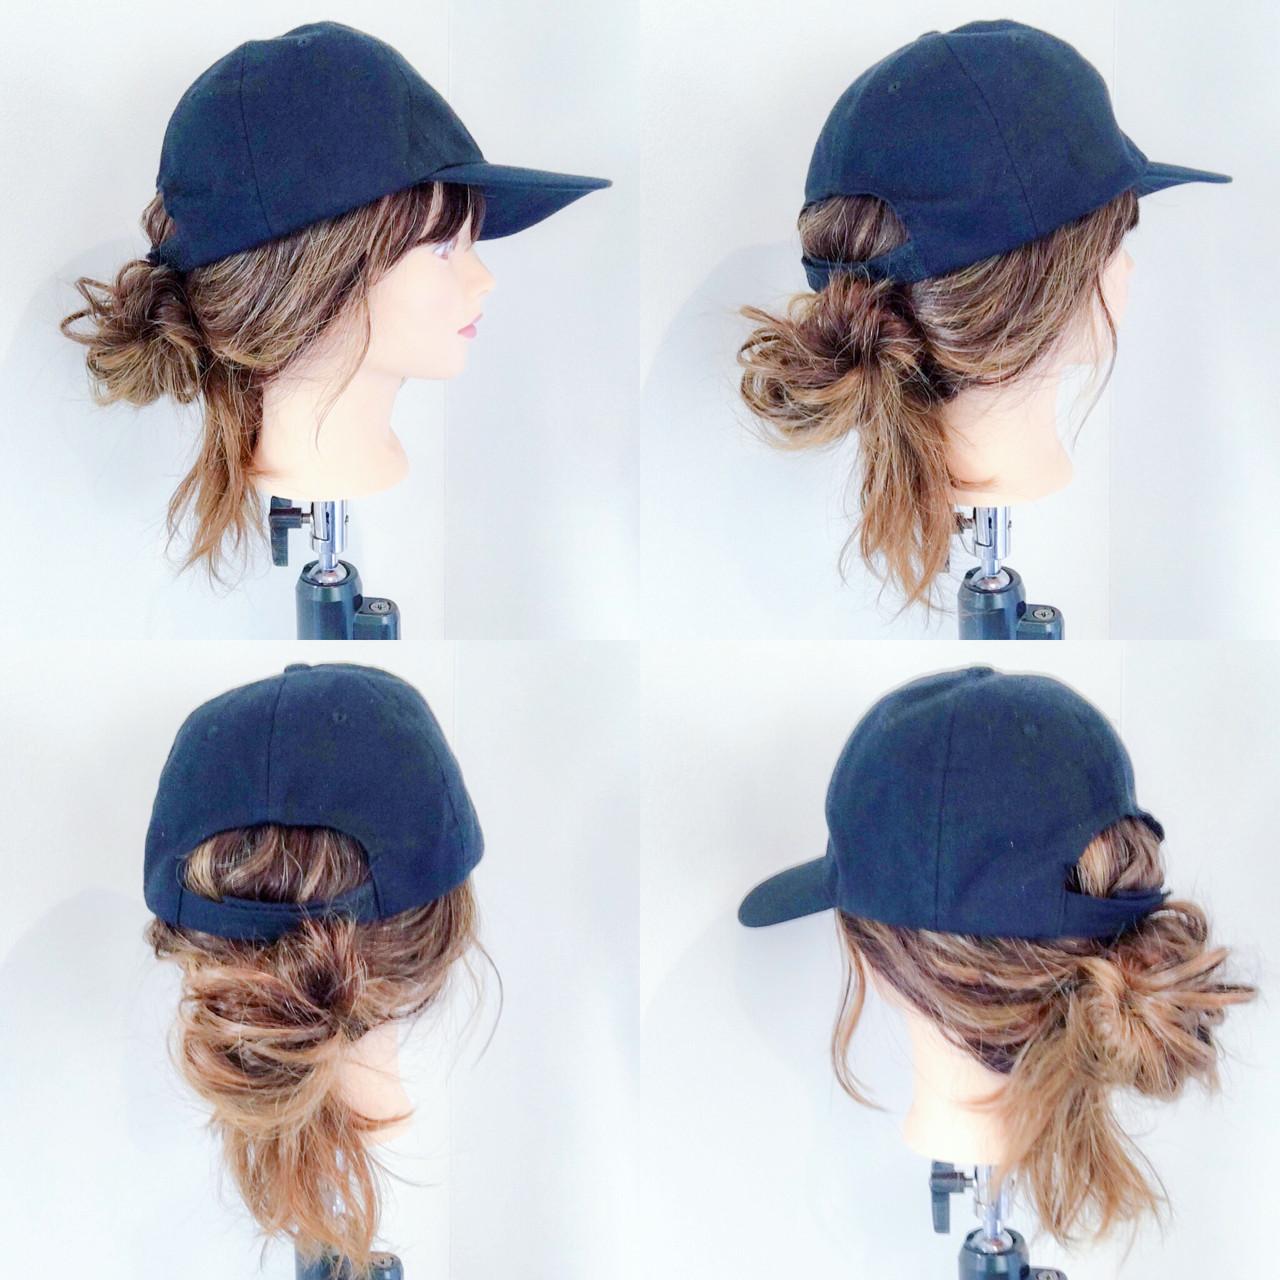 セミロング キャップ ポニーテール アウトドア ヘアスタイルや髪型の写真・画像 | 美容師HIRO/Amoute代表 / Amoute/アムティ